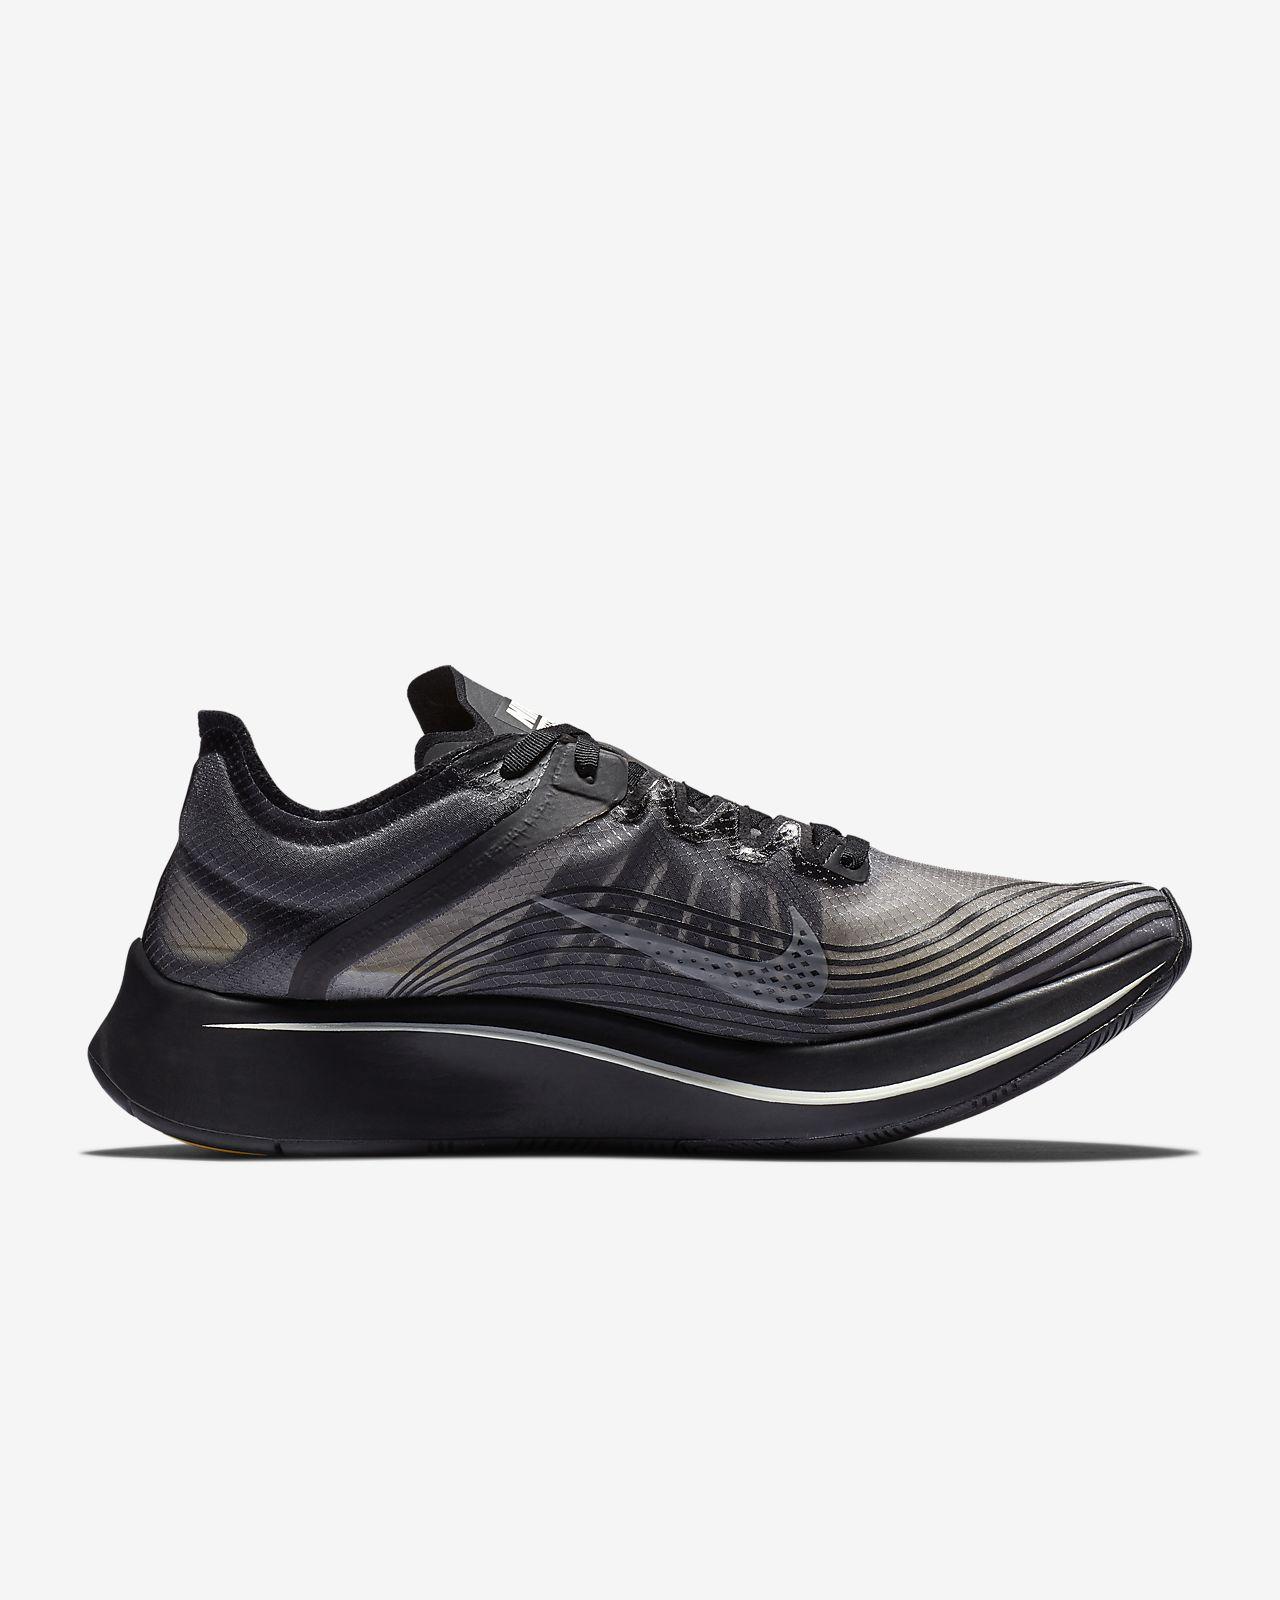 b9e2dc7388fae Nike x Gyakusou Zoom Fly Running Shoe. Nike.com SG